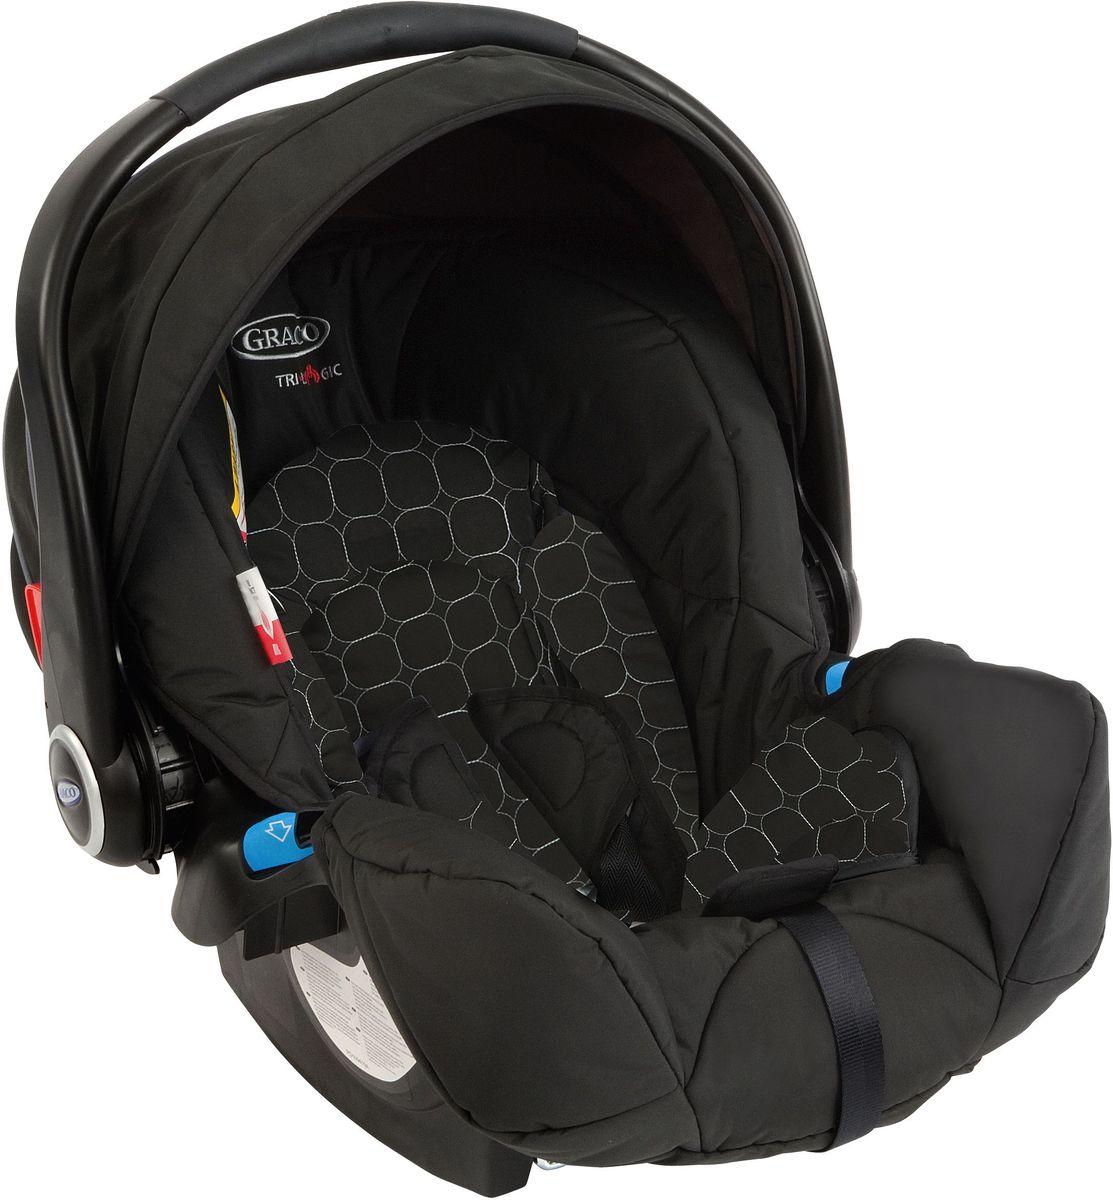 Graco Автокресло Logico S Noir цвет черный от 0 до 13 кг1785561Это детское автокресло Graco Logico S Noir с высоким уровнем безопасности и комфорта для новорожденных младенцев и до 12 месяцев (0-13 кг). Автокресло - простое в использовании и очень прочное, усиленная боковая защита с двойной EPS системой. Регулируемая ручка для переноски и возможность машинной стирки текстиля при температуре 30 градусов.